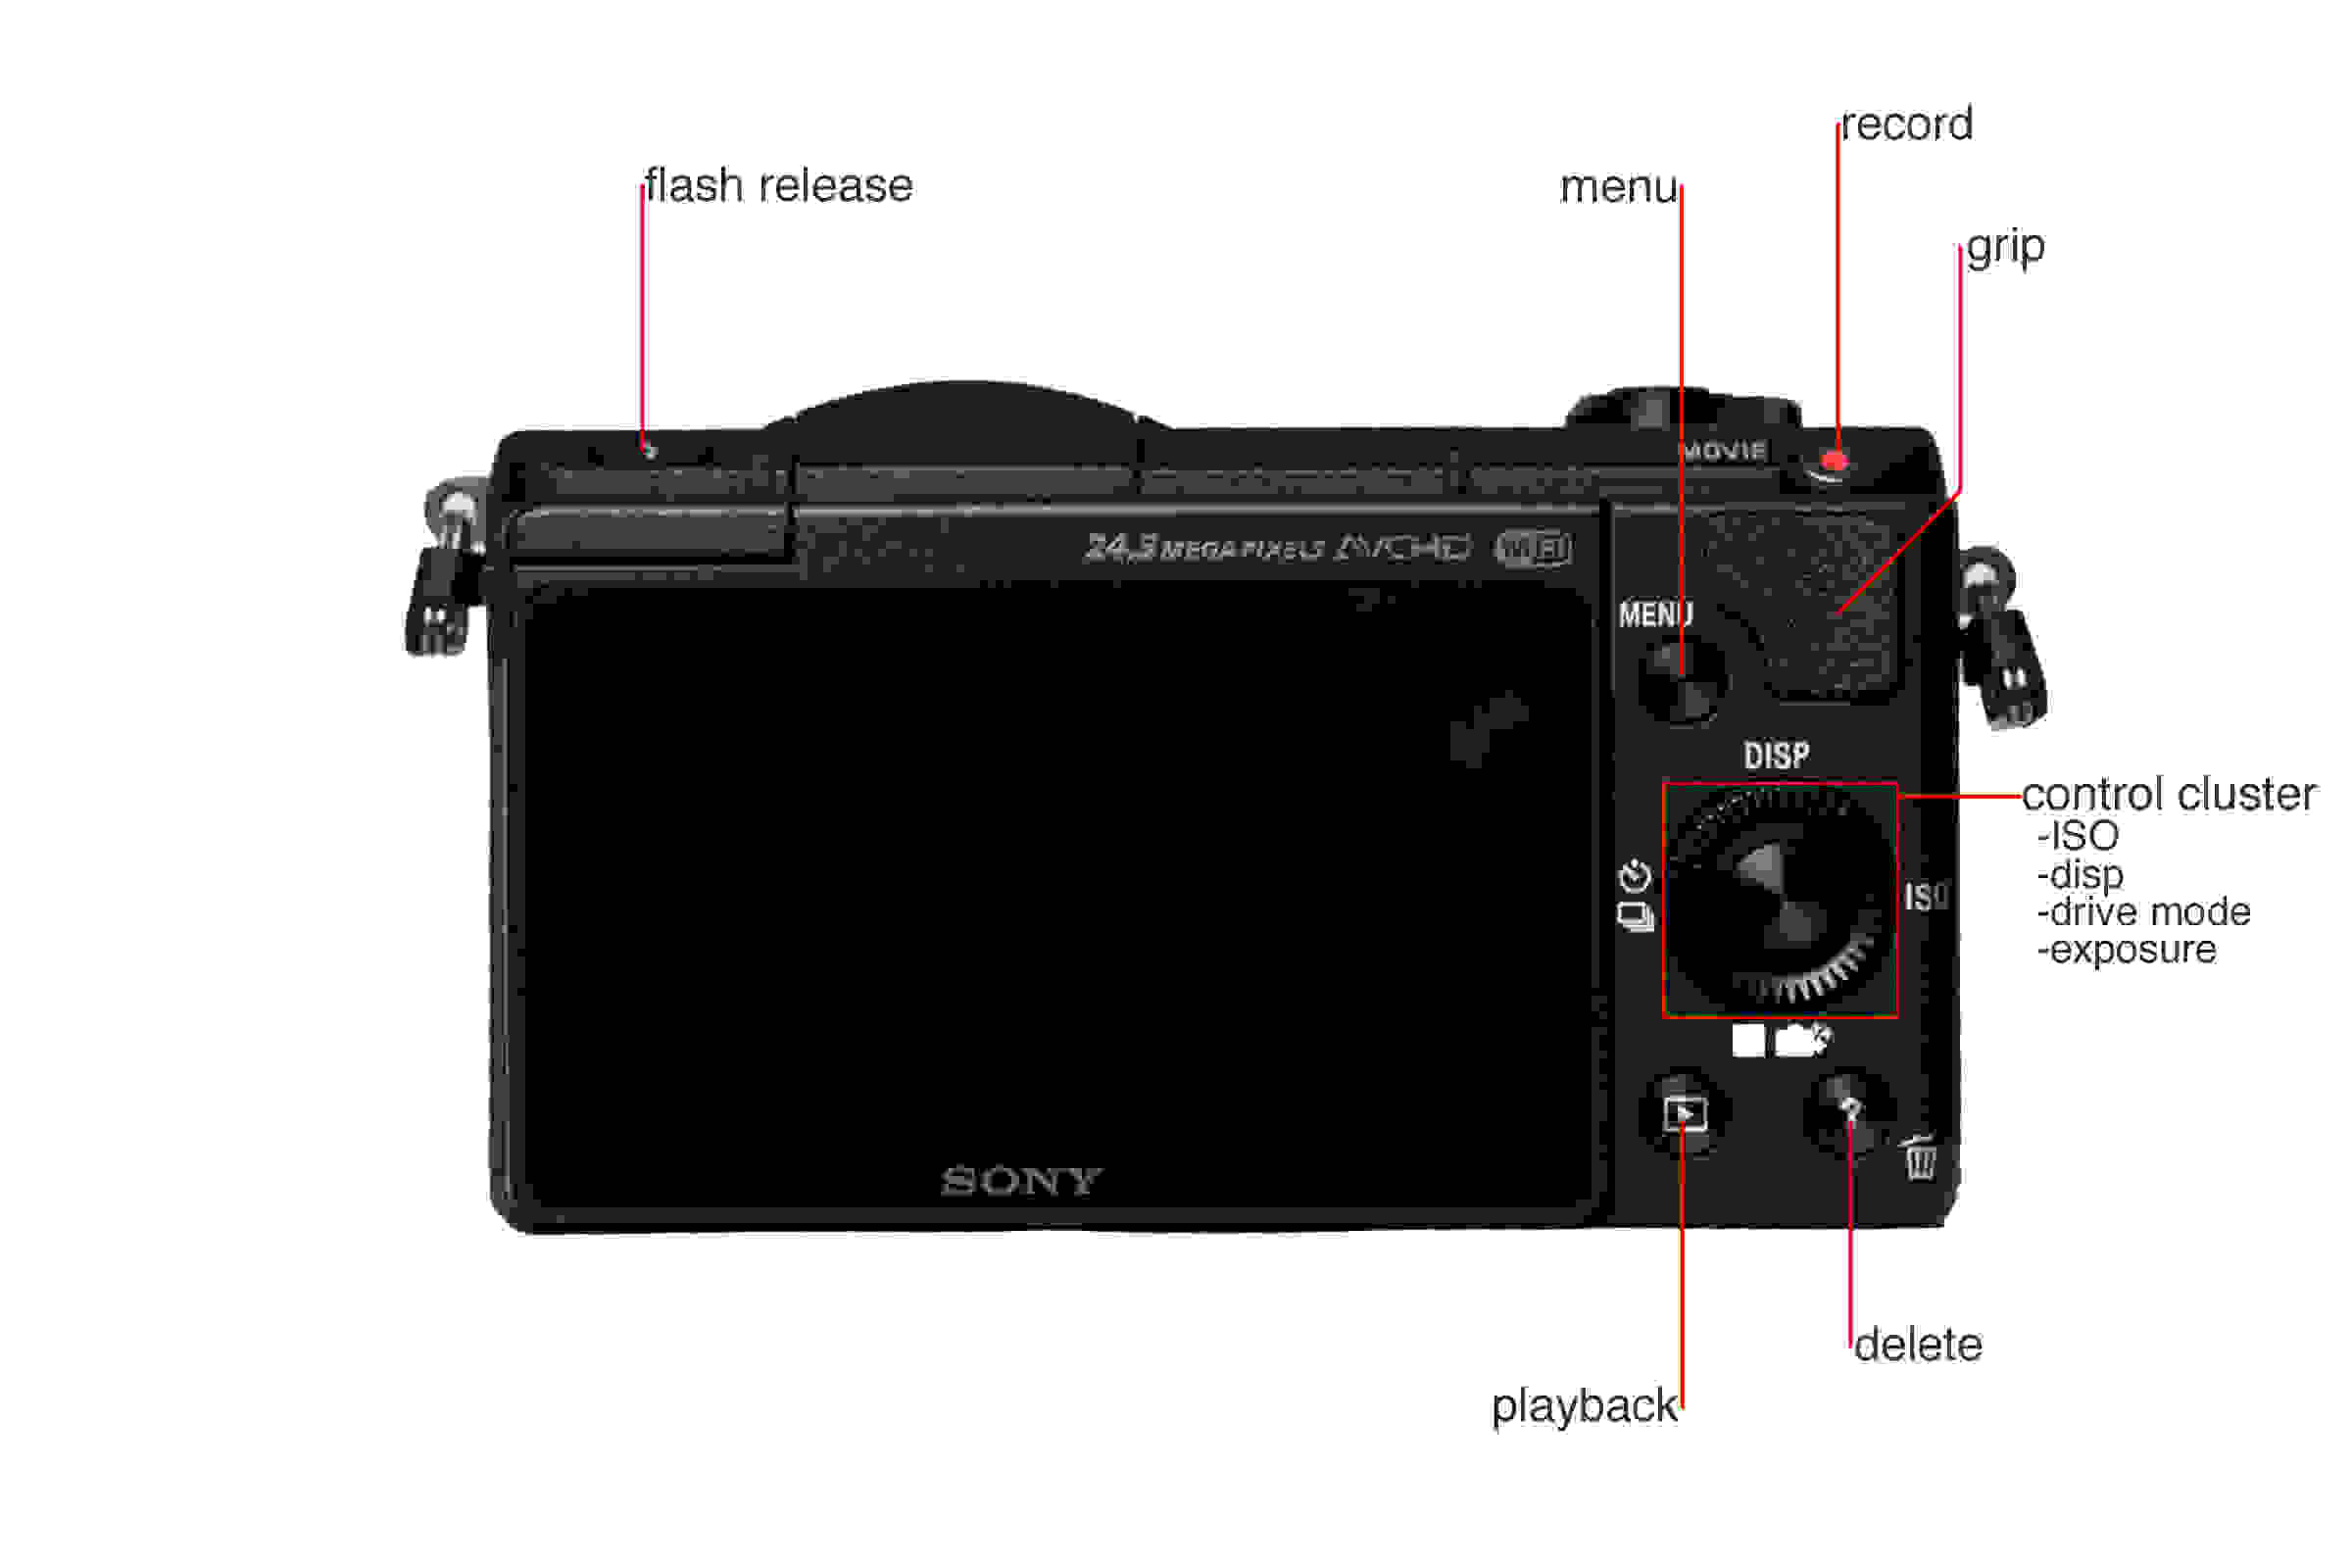 A5100 camera rear